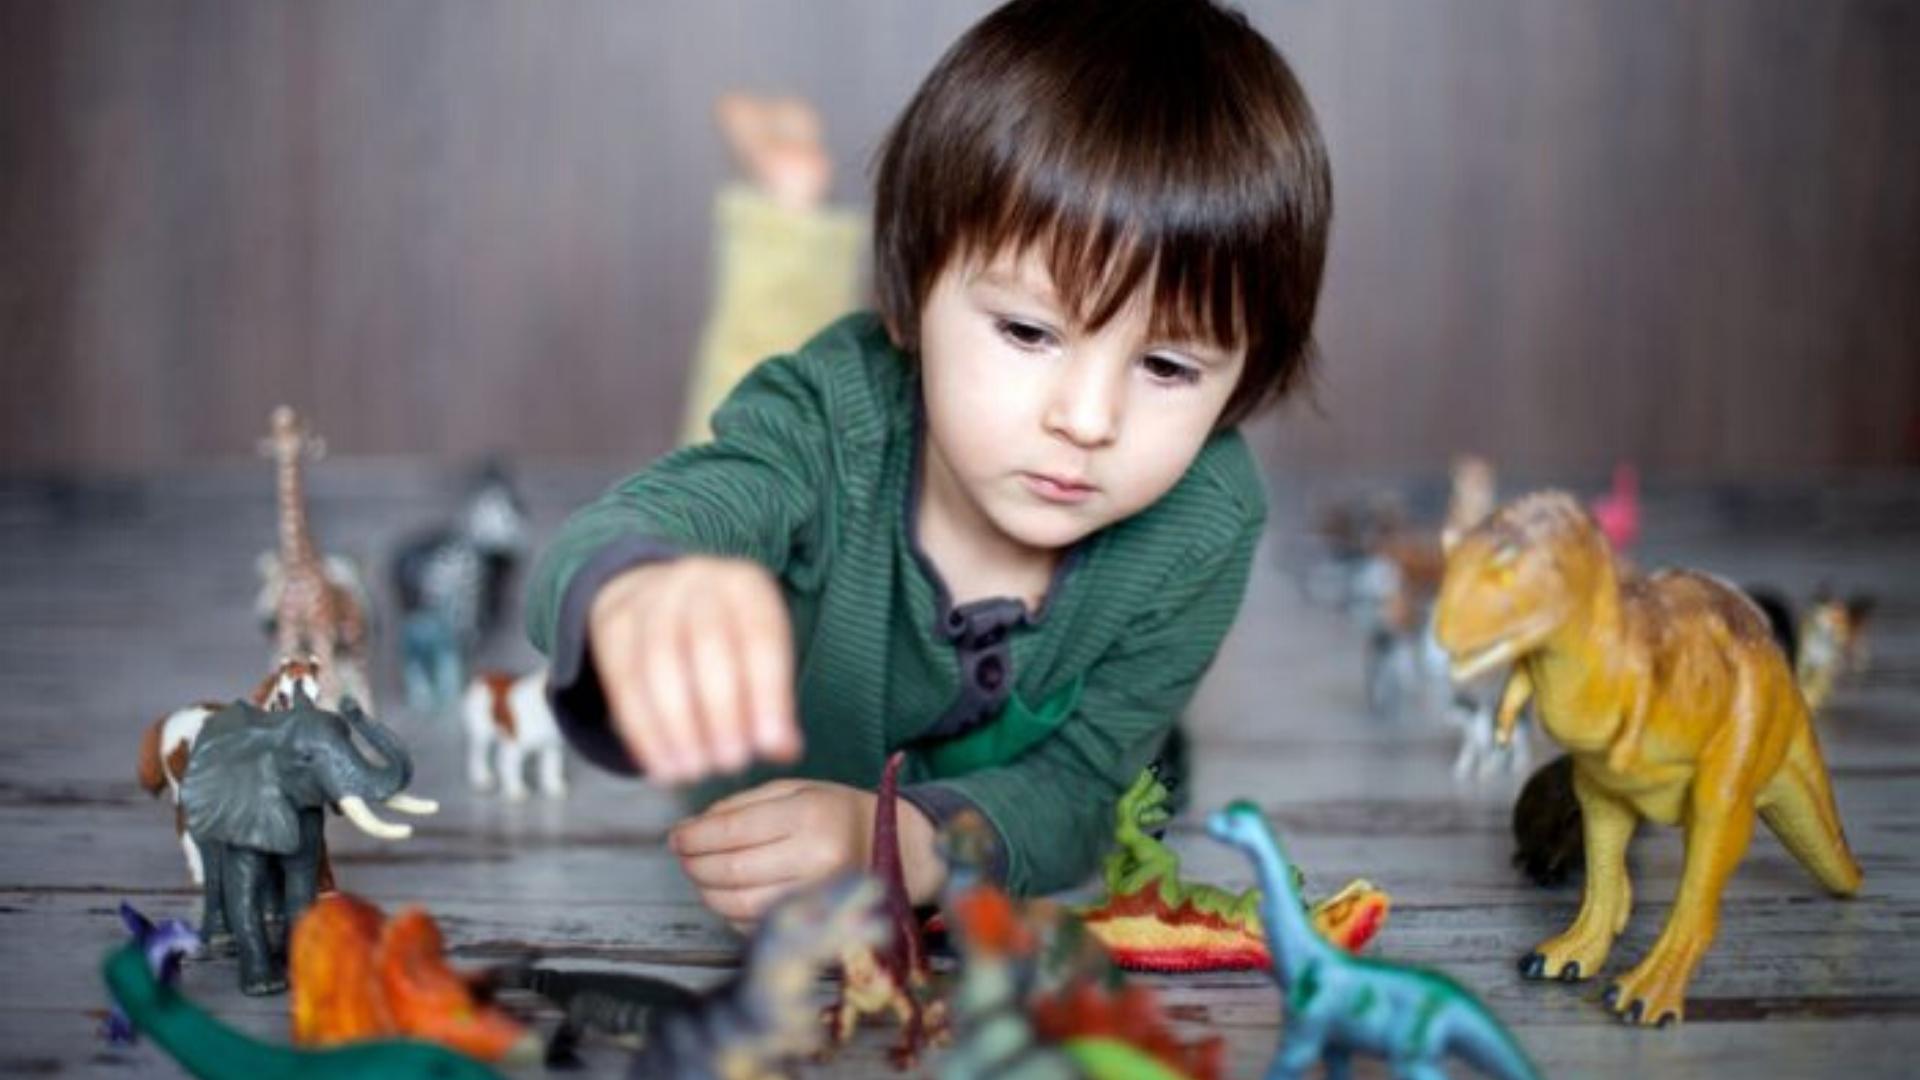 Los niños que aman los dinosaurios son más inteligentes según estudio